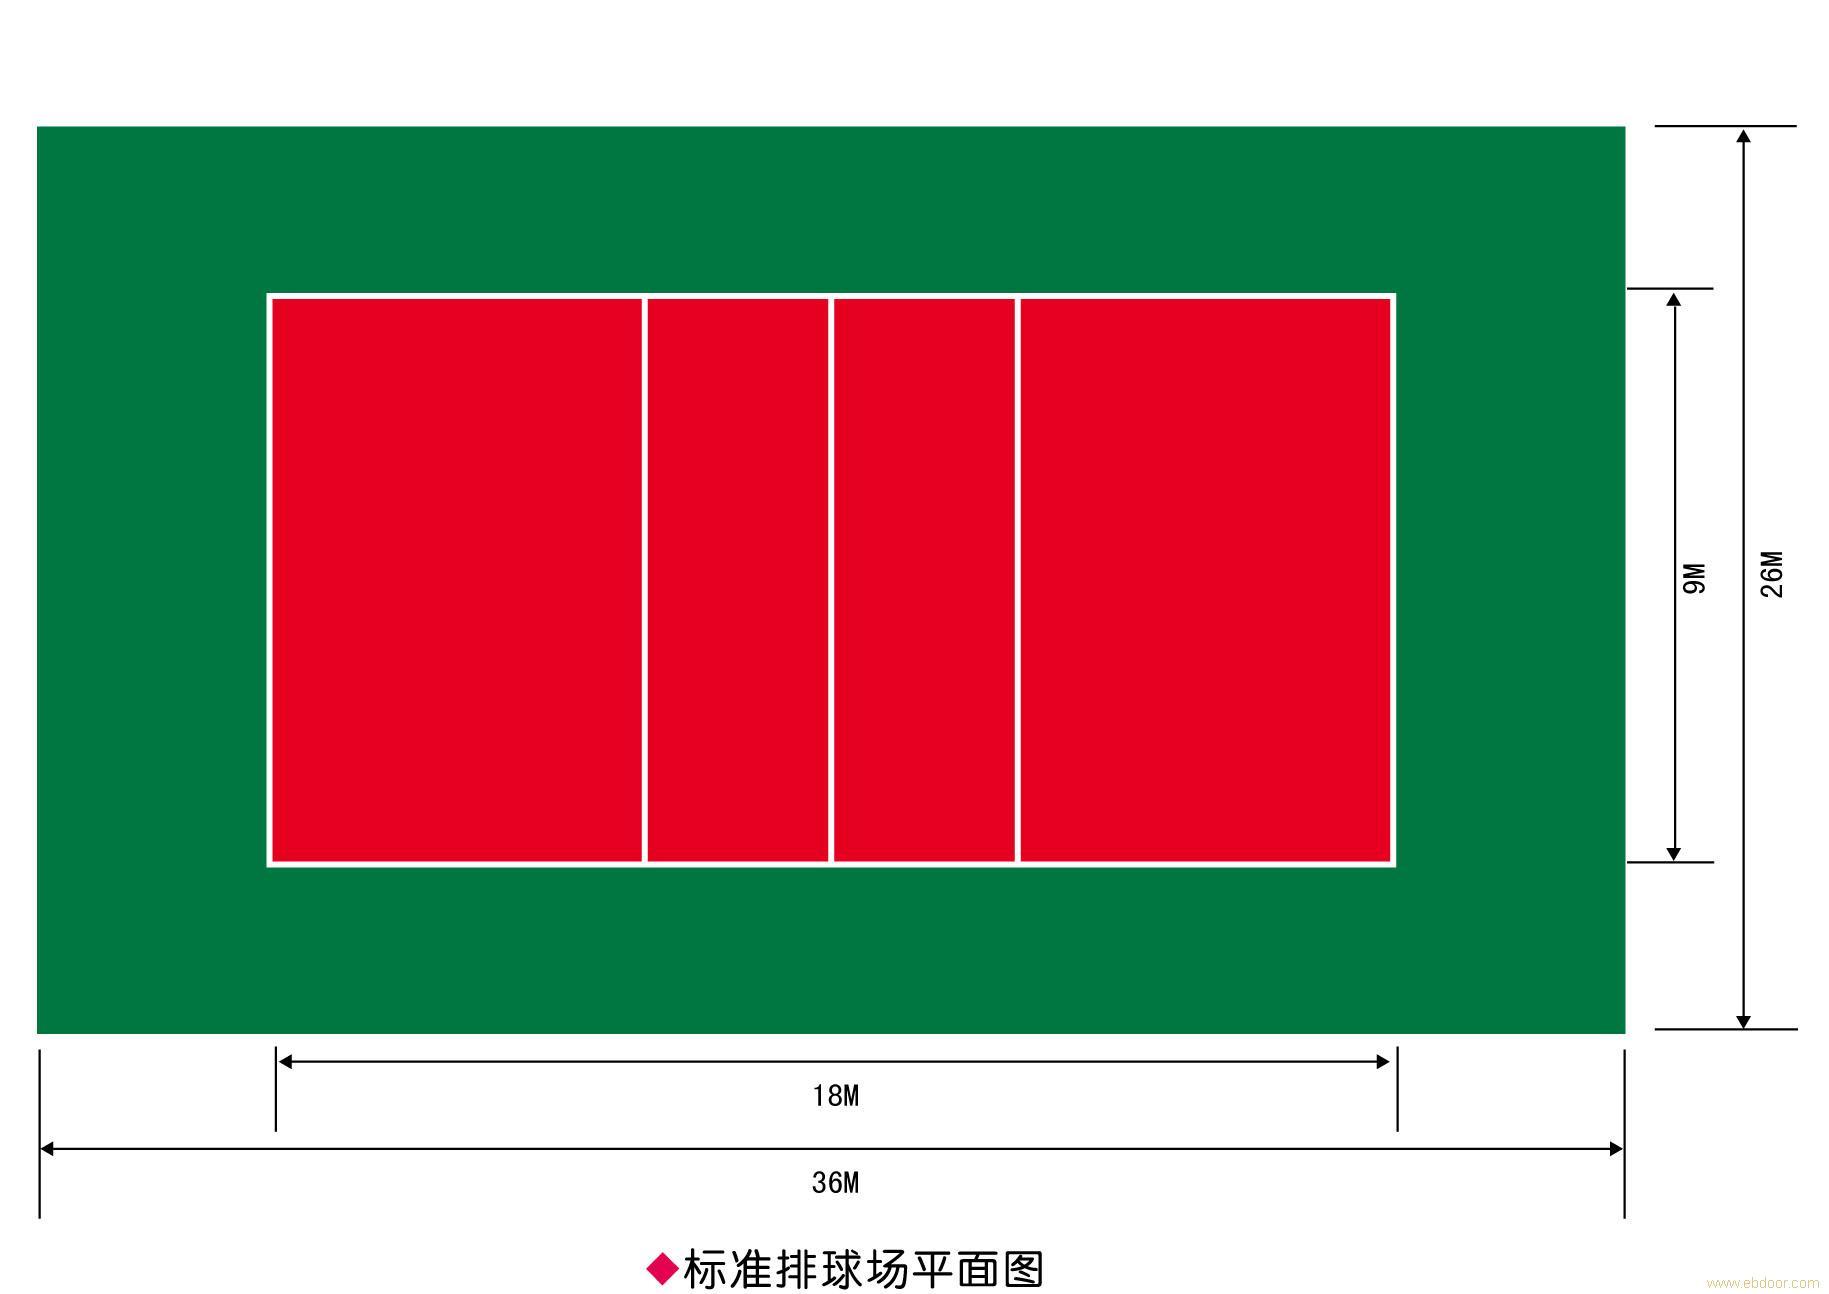 排球场平面�_塑胶排球场 丙烯酸排球场 硅pu排球场 排球场地标准尺寸